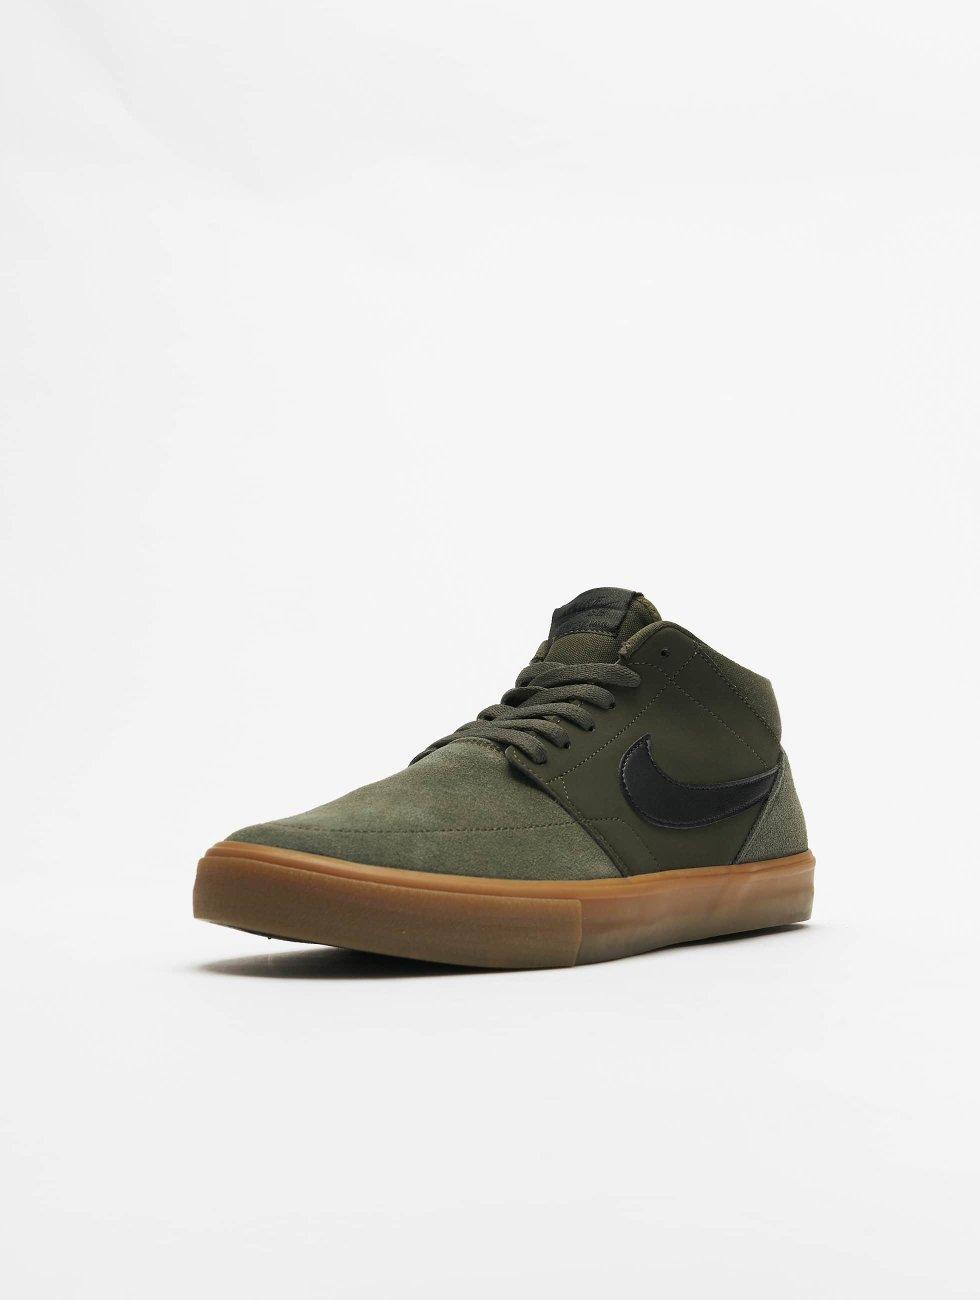 Nike schoen / sneaker SB Solarsoft Portmore ll Mid Skateboarding in groen 416733 countdown-pakket ruDv7r